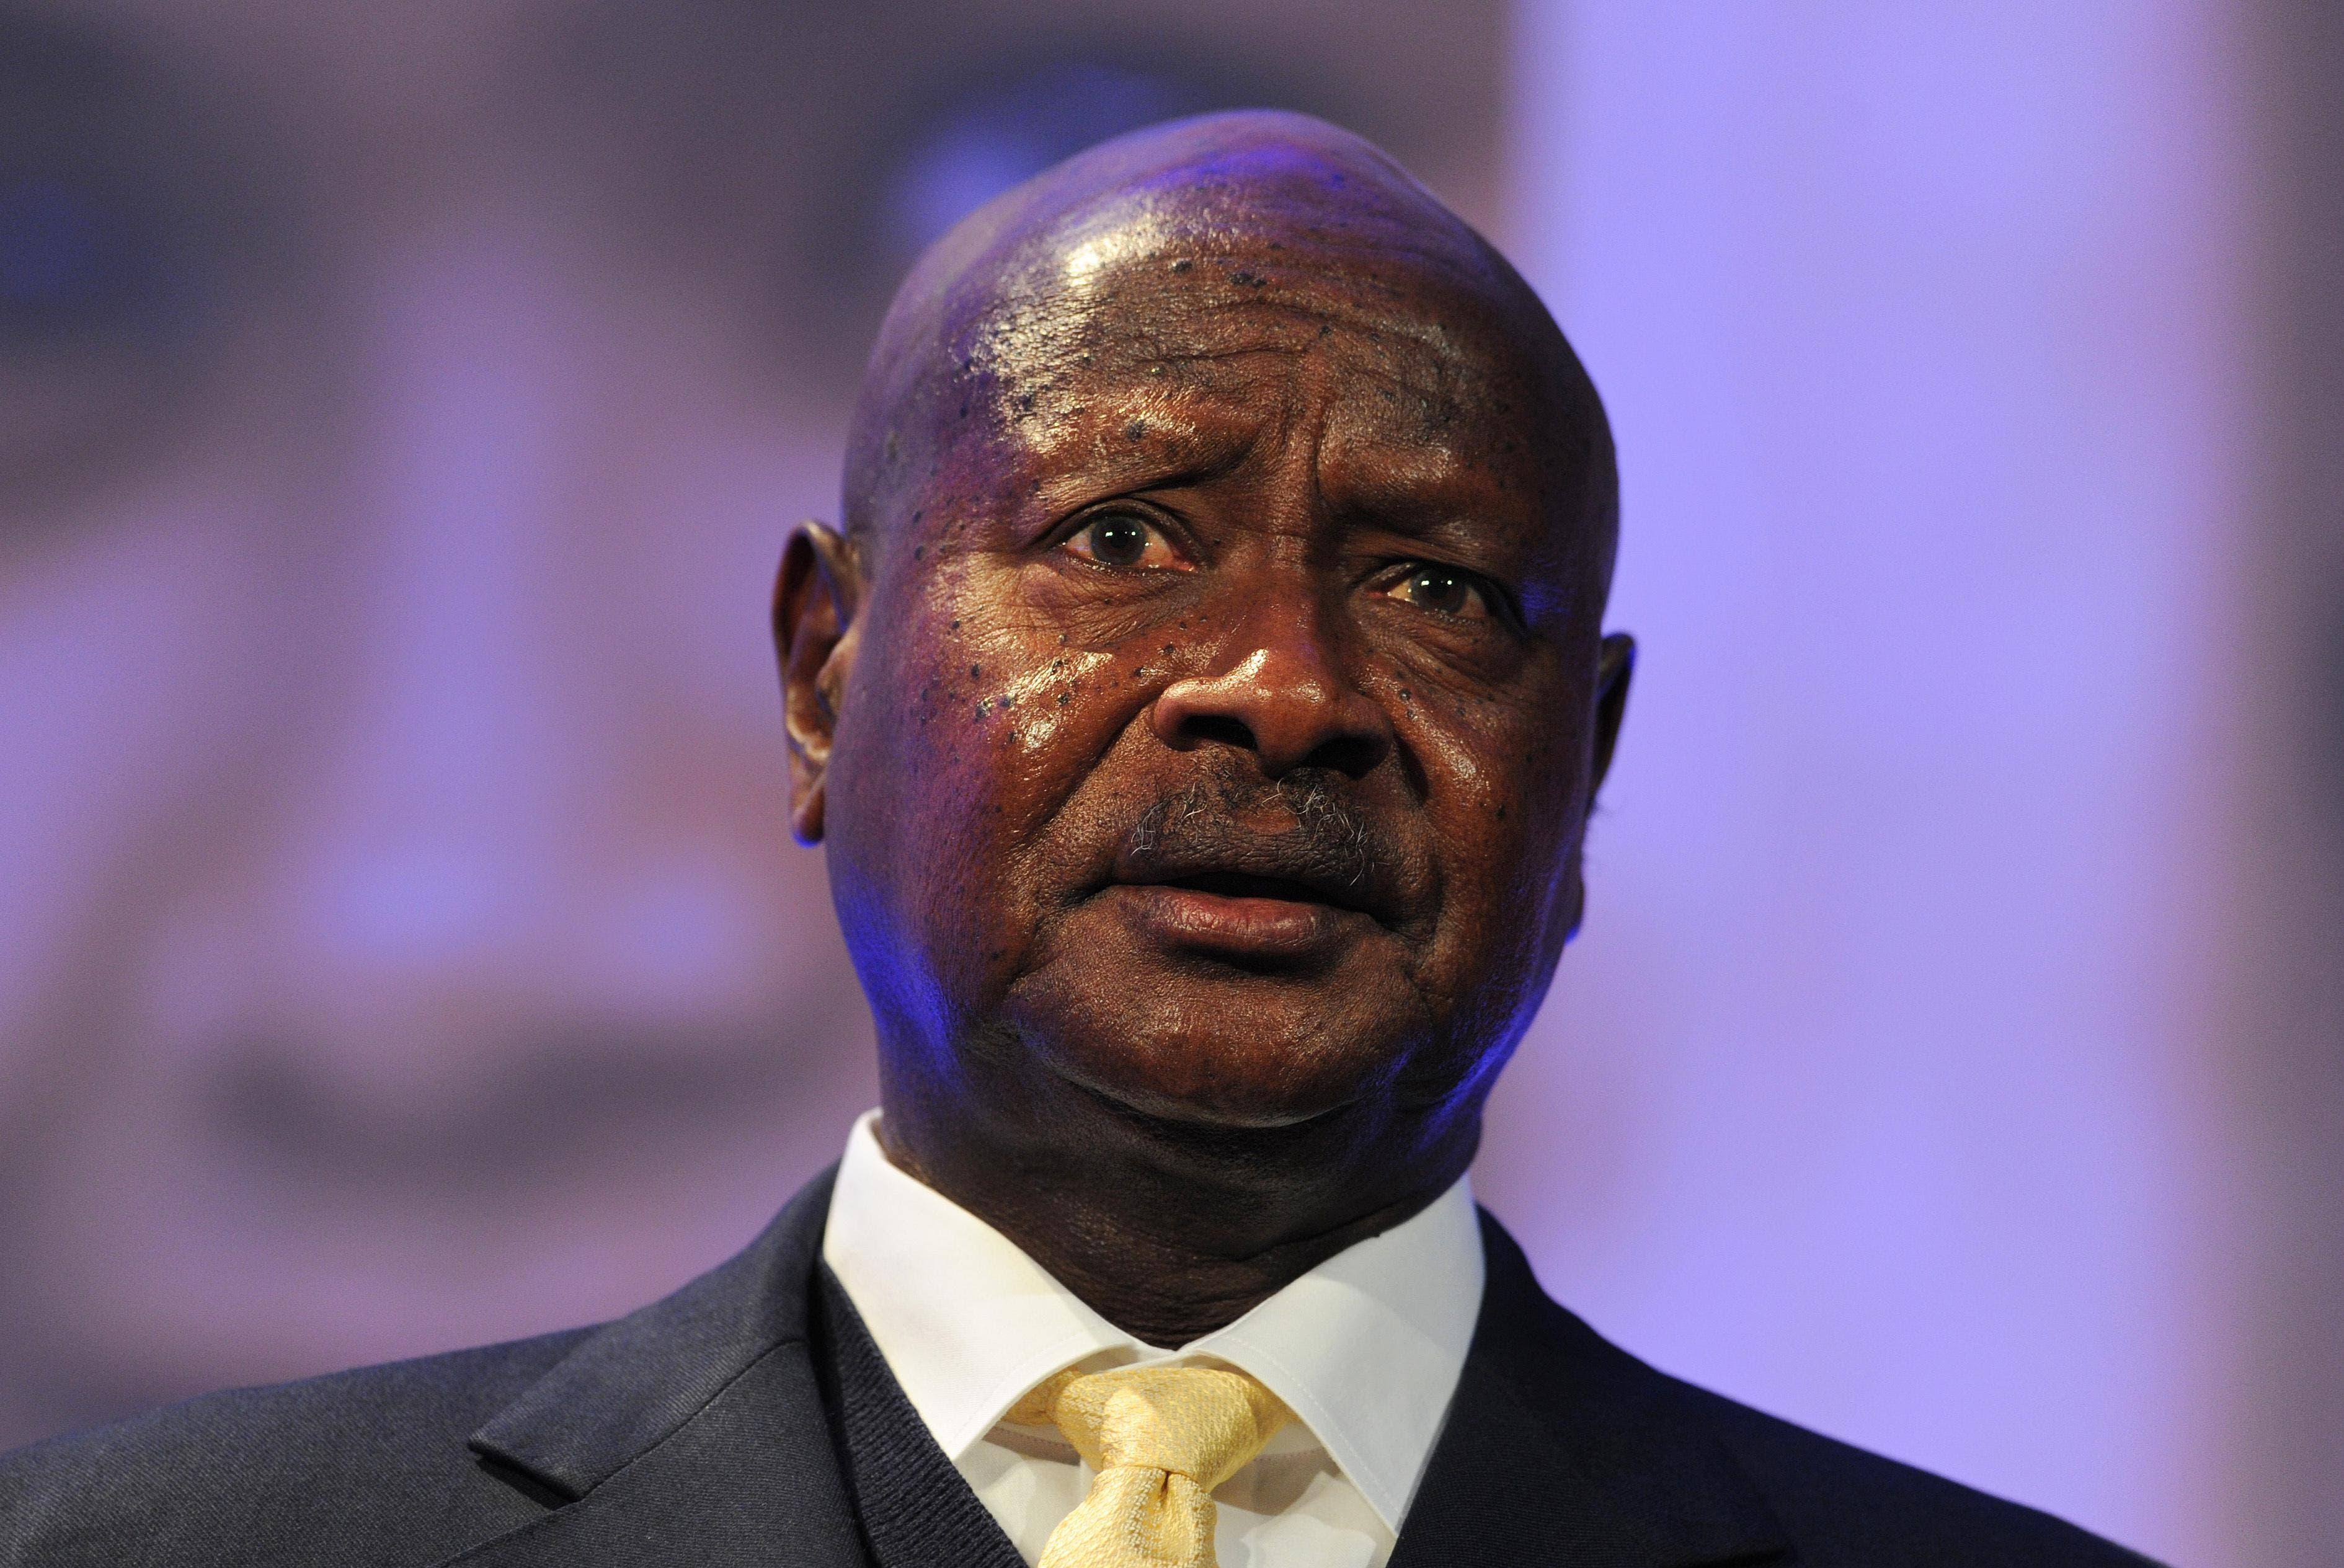 Madaxweyne Musaveni oo qirtay in askartiisa ay dileen shacab Soomaali ah (Aqriso)